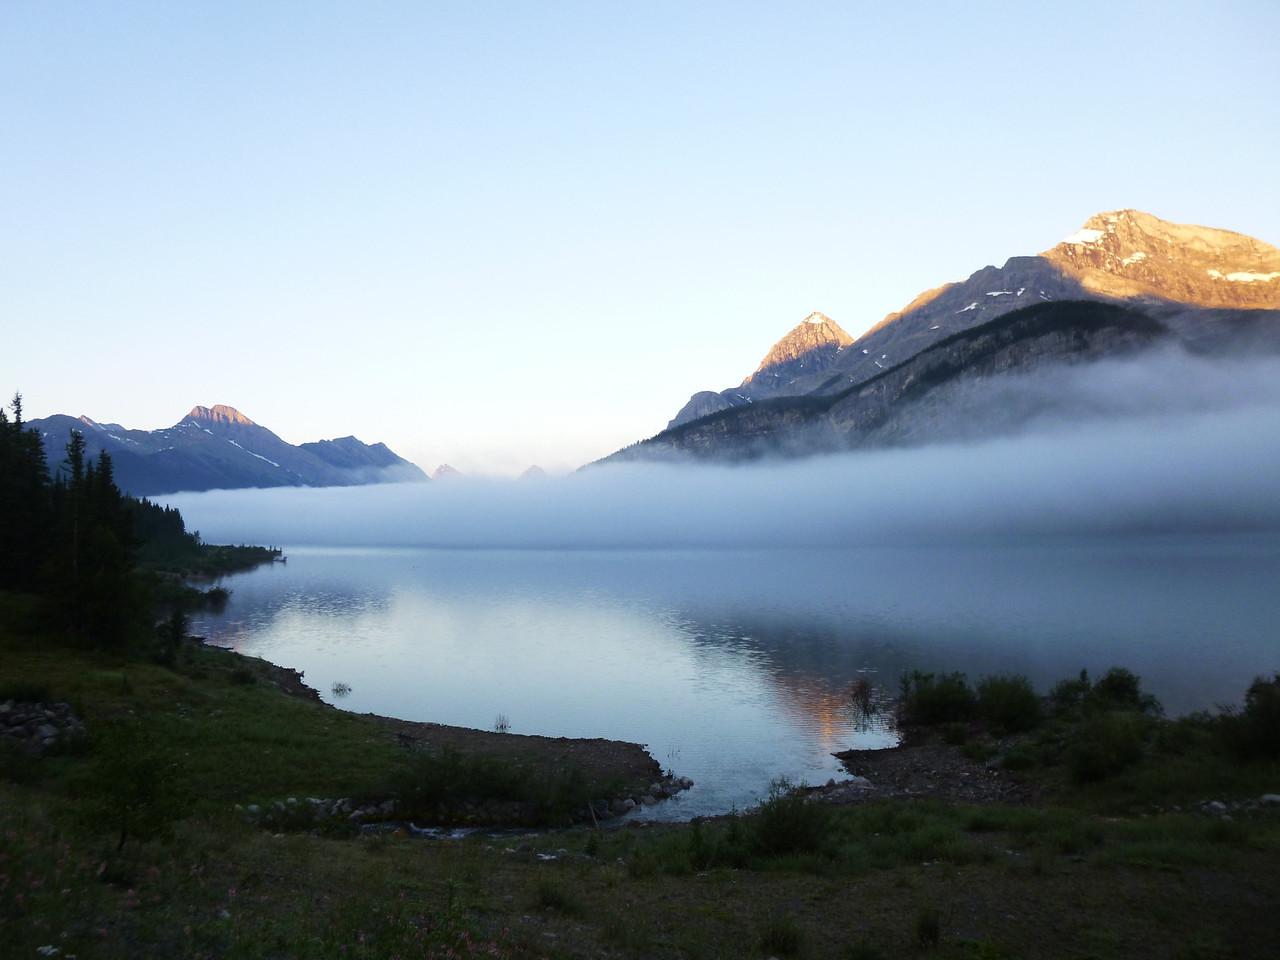 Mist on Spray Lakes